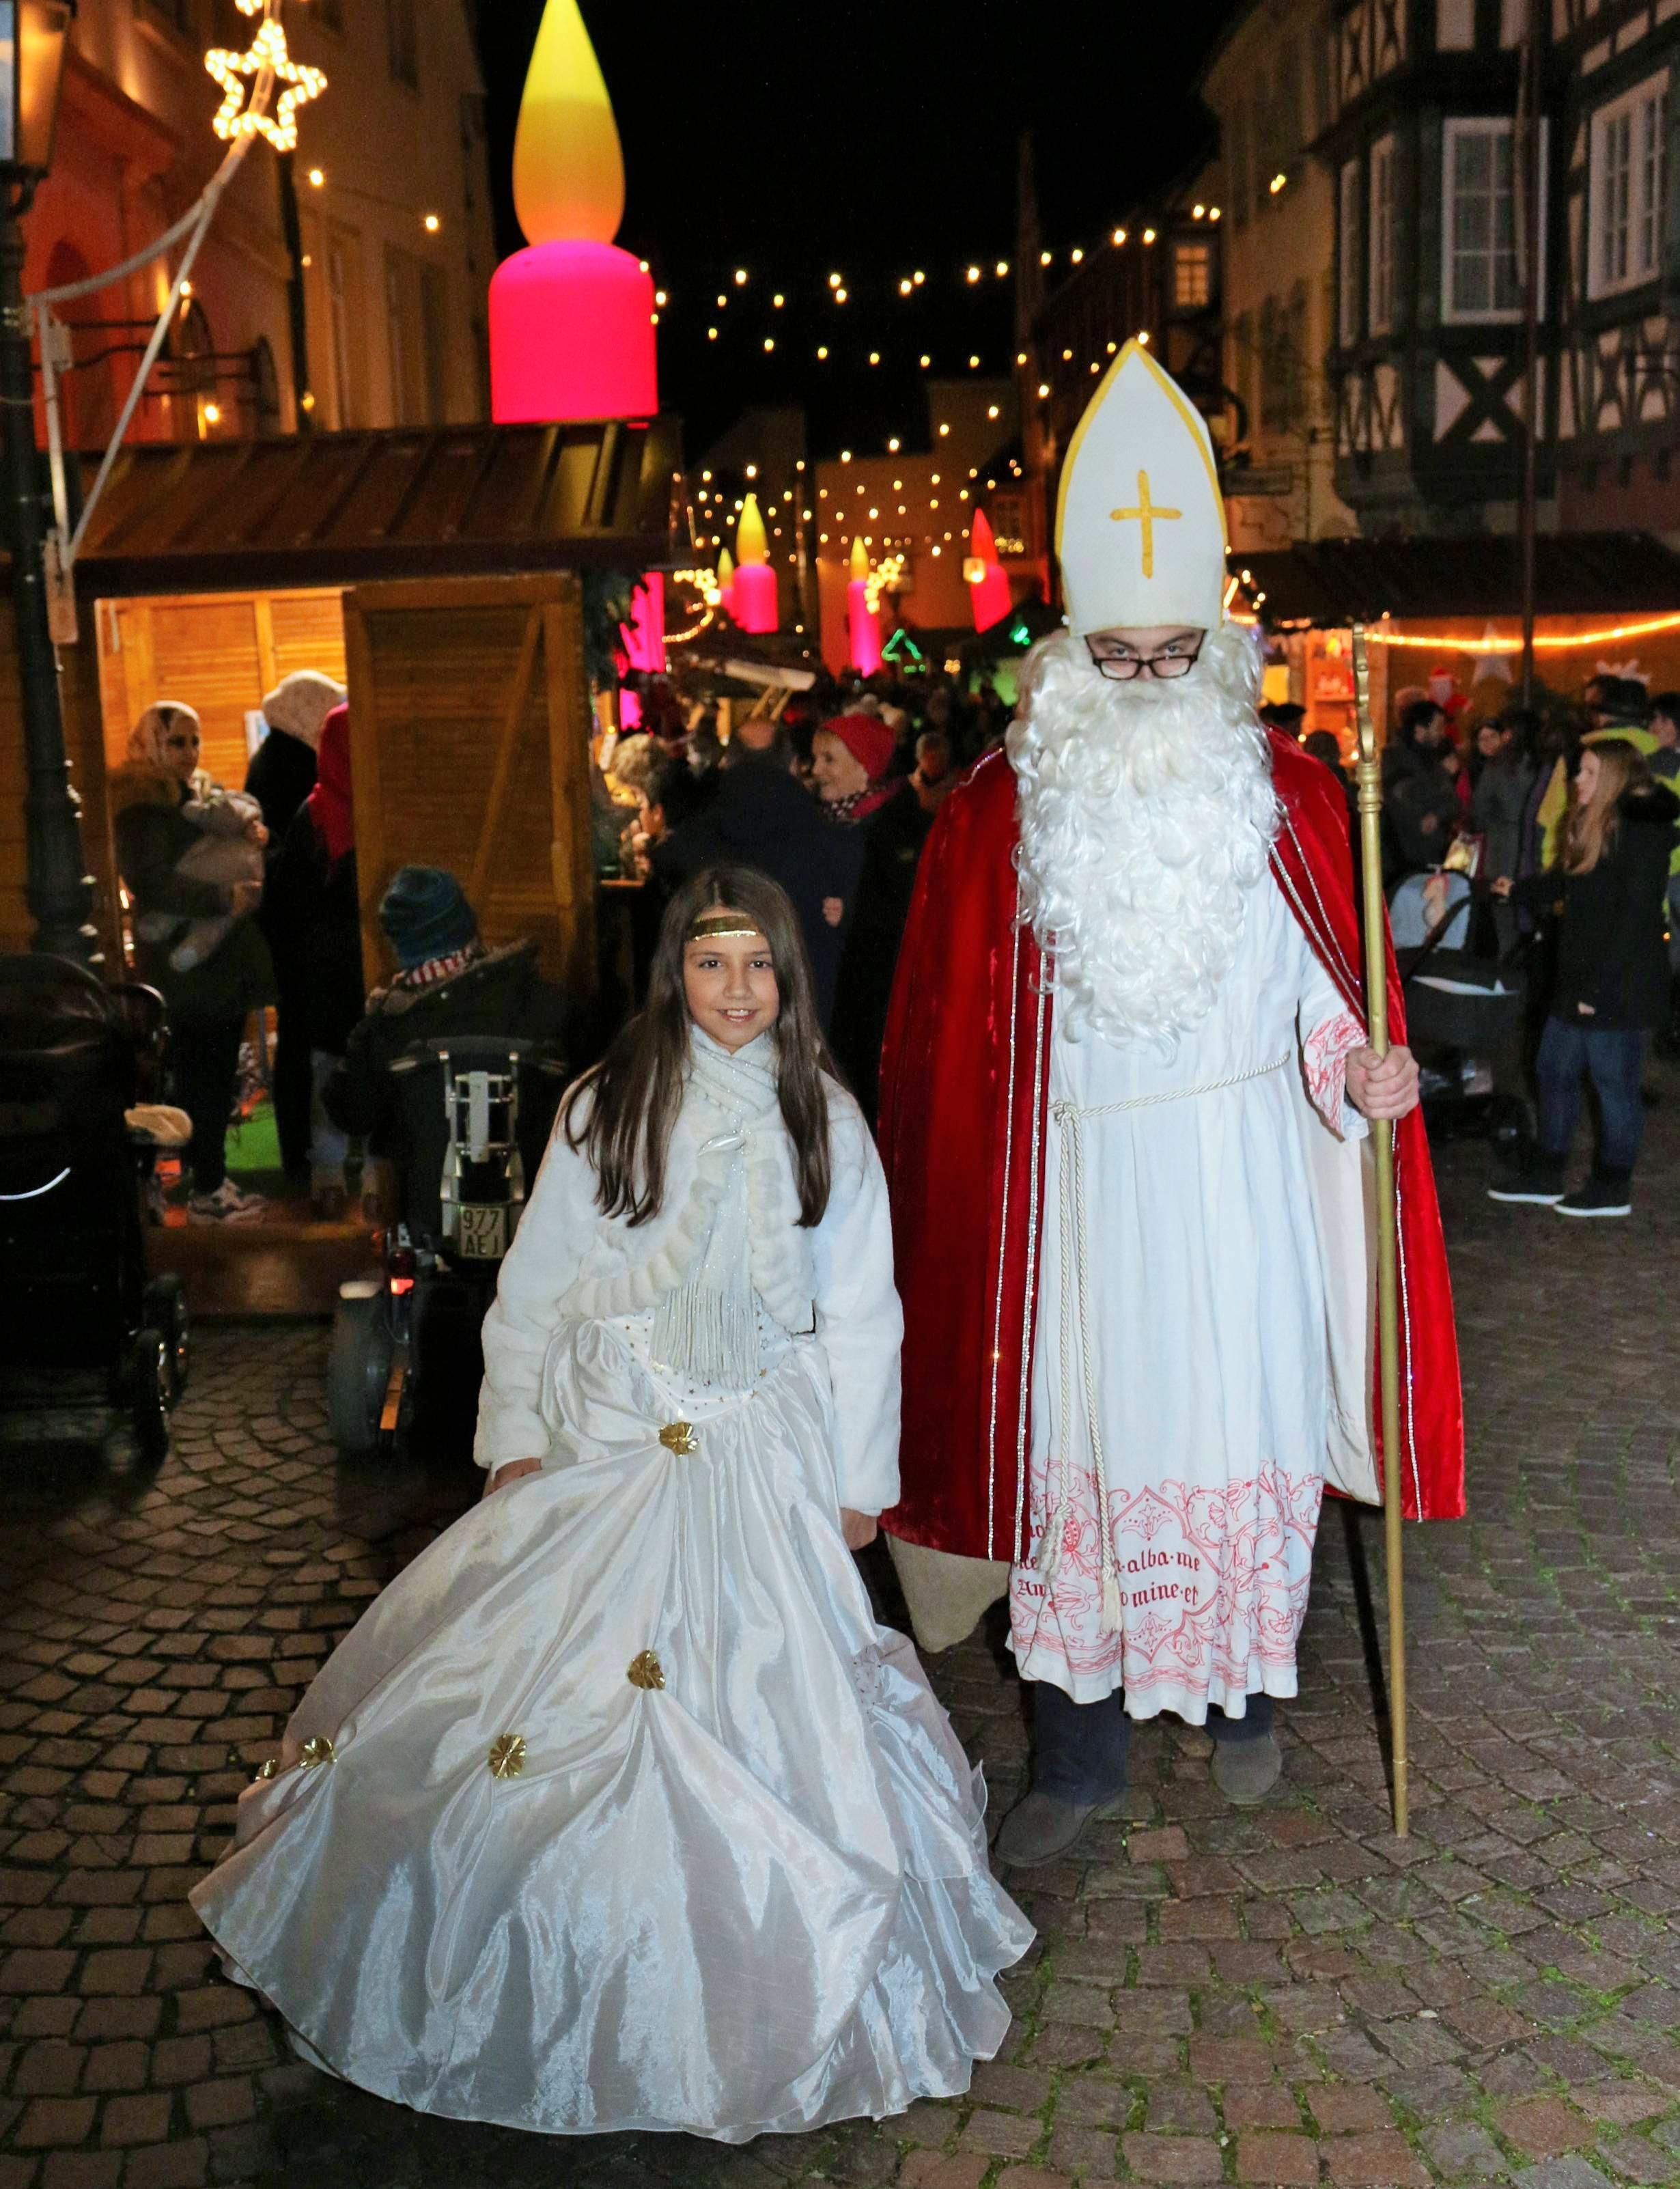 Zahlreiche Weihnachtsmärkte boten im nördlichen Landkreis Heilbronn Gelegenheit, sich auf die bevorstehenden Festtage einzustimmen. Nikolaus und Christkind wandelten über den Gundelsheimer Weihnachtsmarkt.